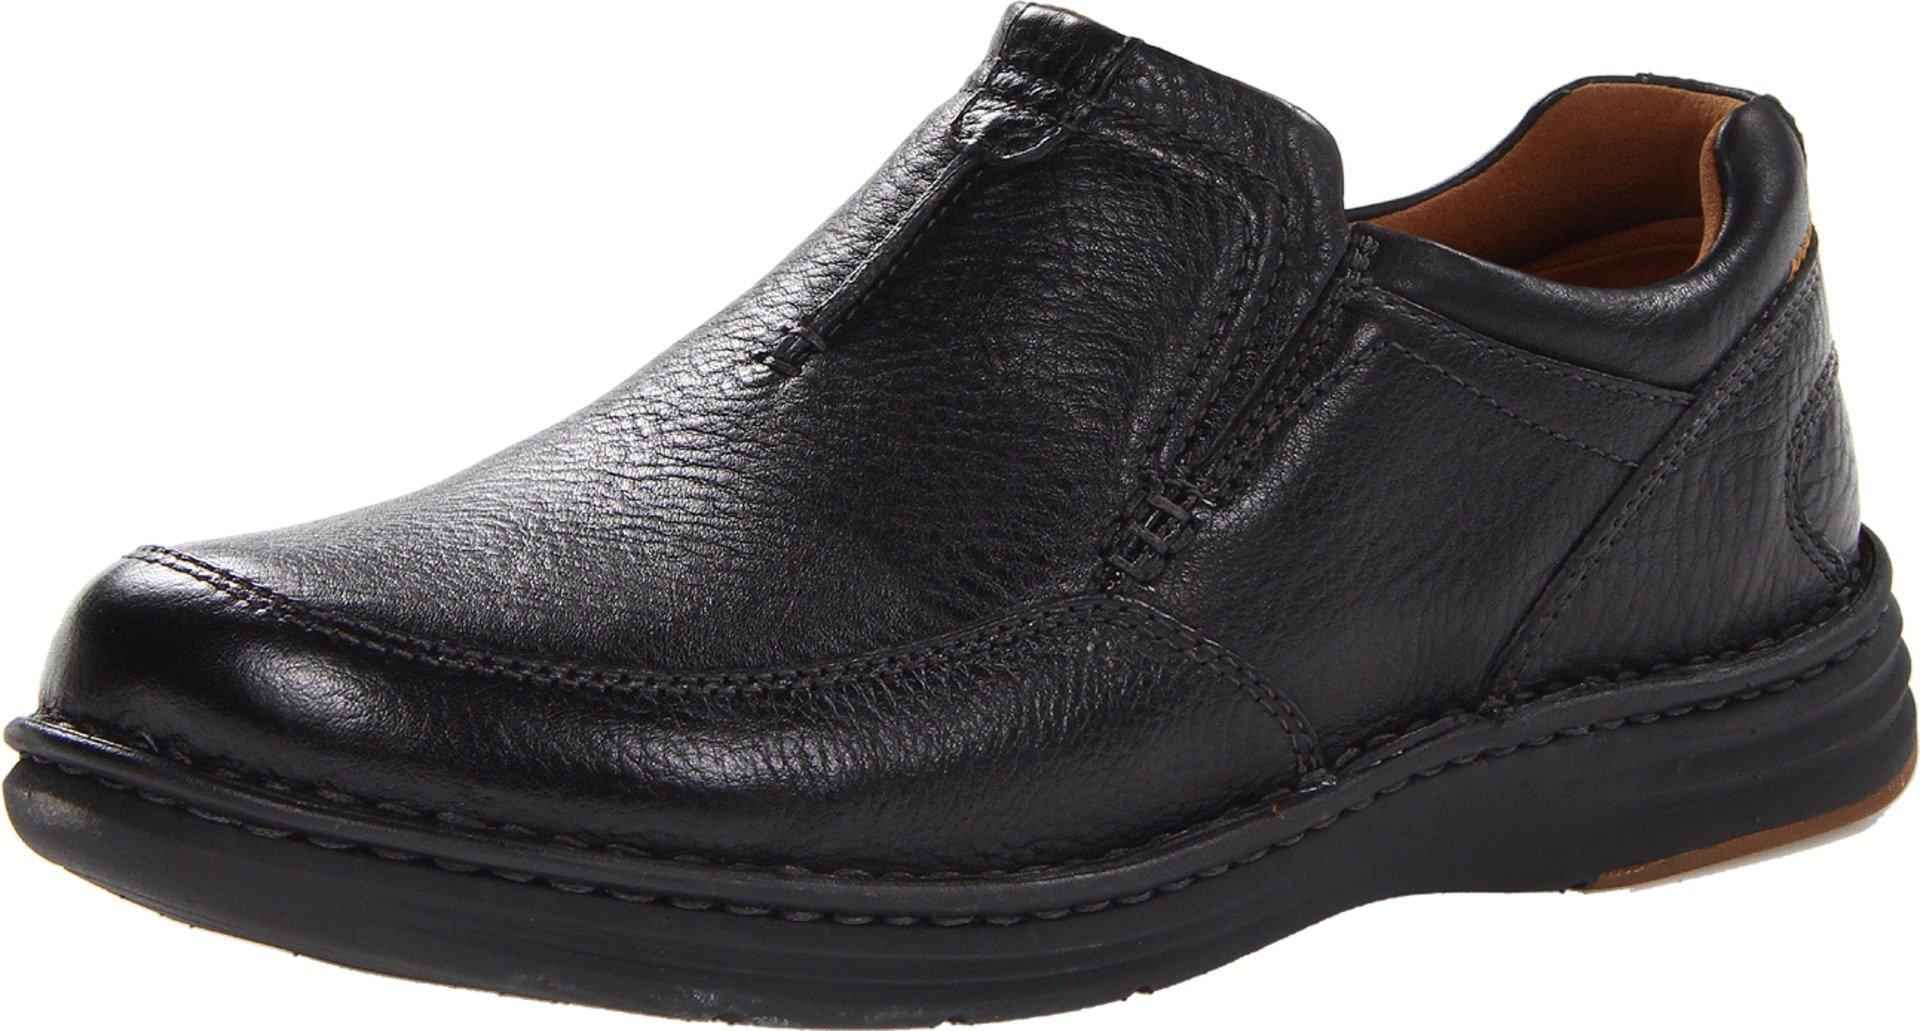 Dunham Men's REVchase Slip-On, Black, 8 D US